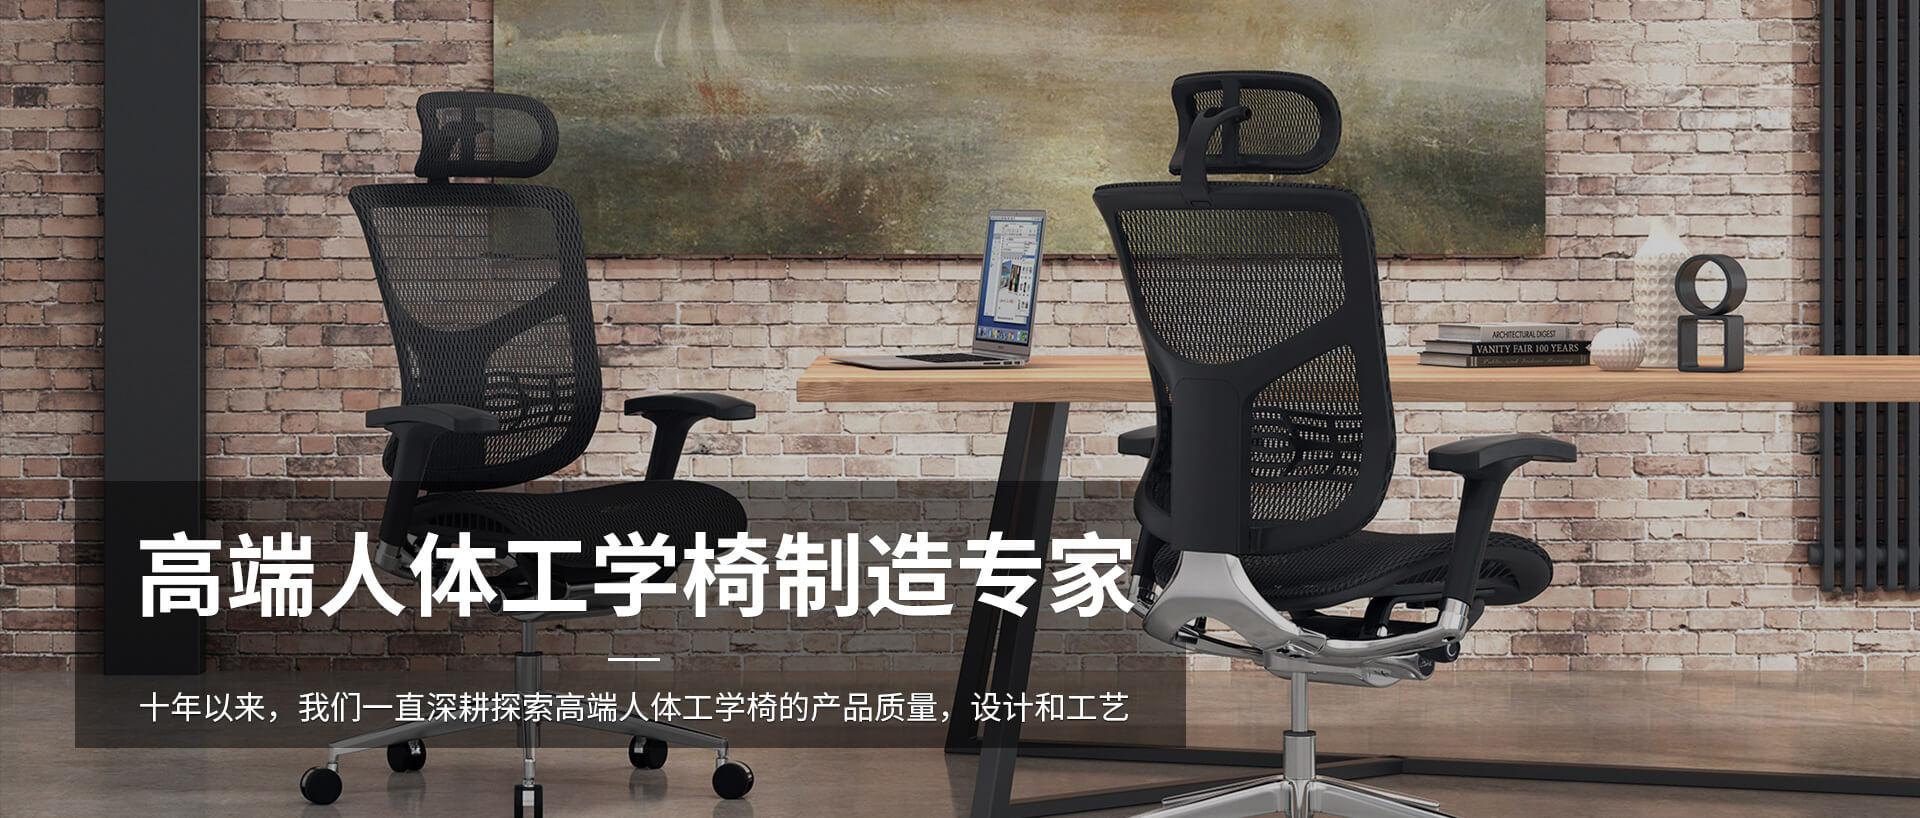 高端人体工学椅制造专家